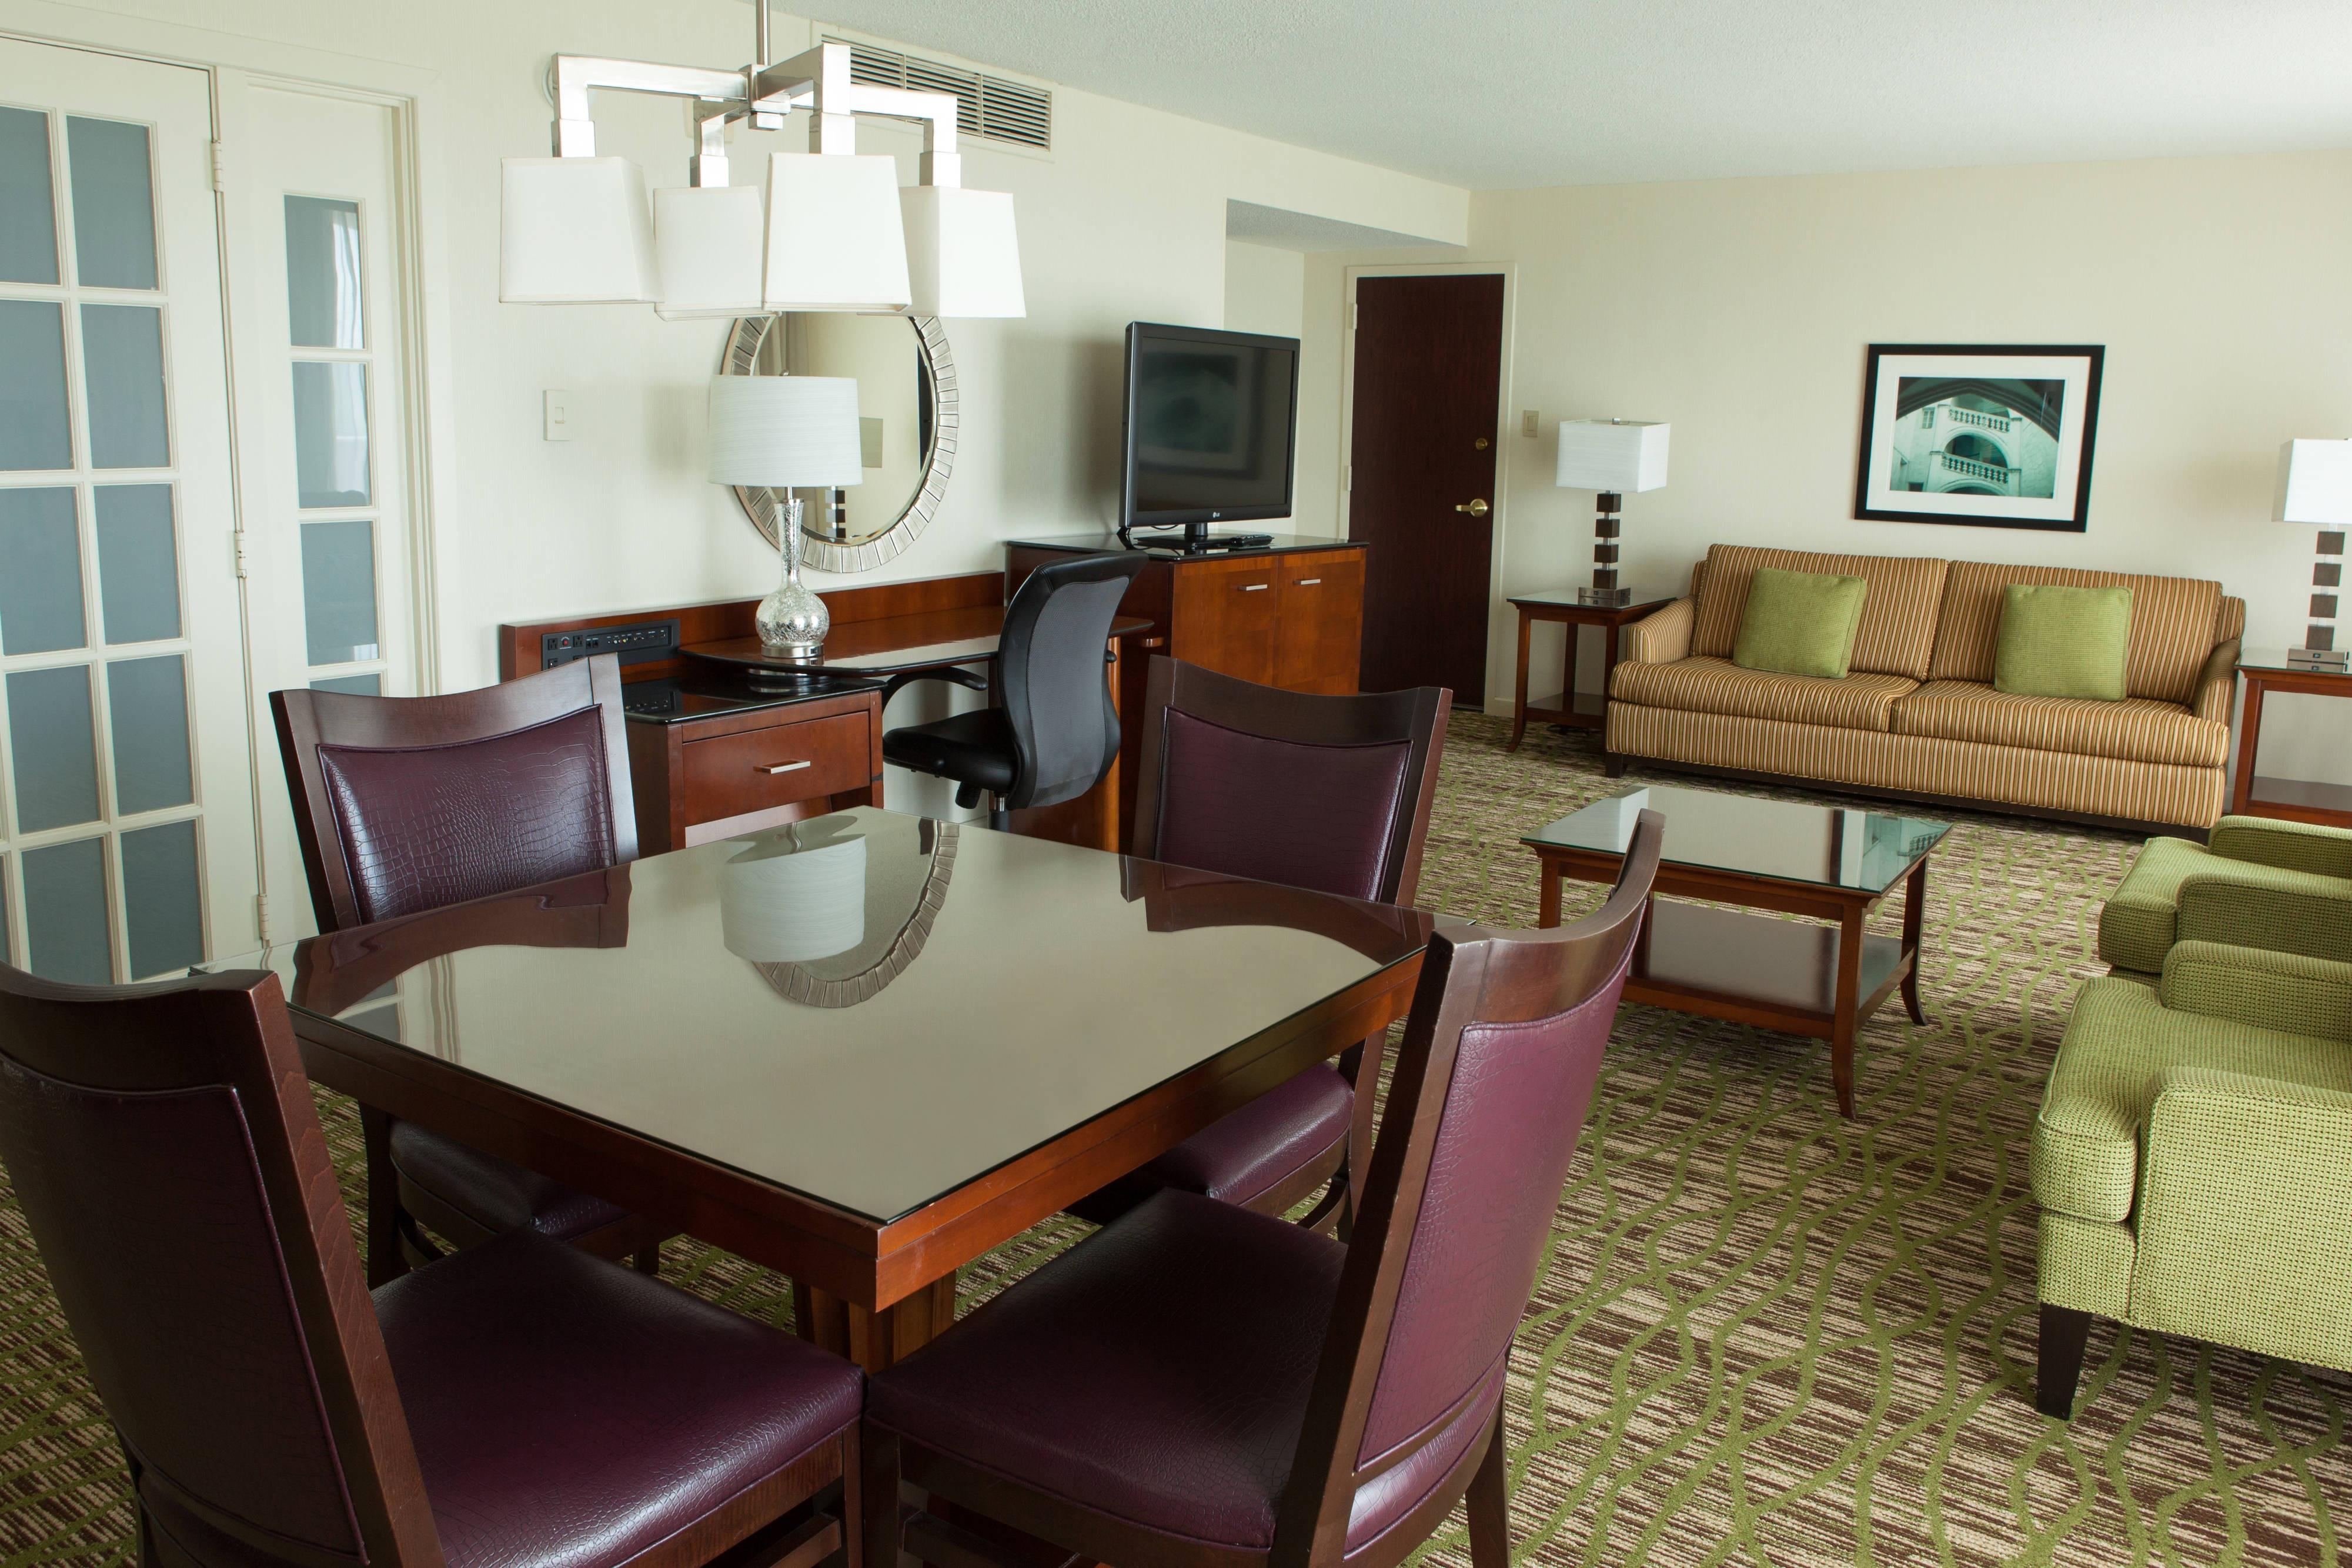 Hotel rooms in Parsippany NJ